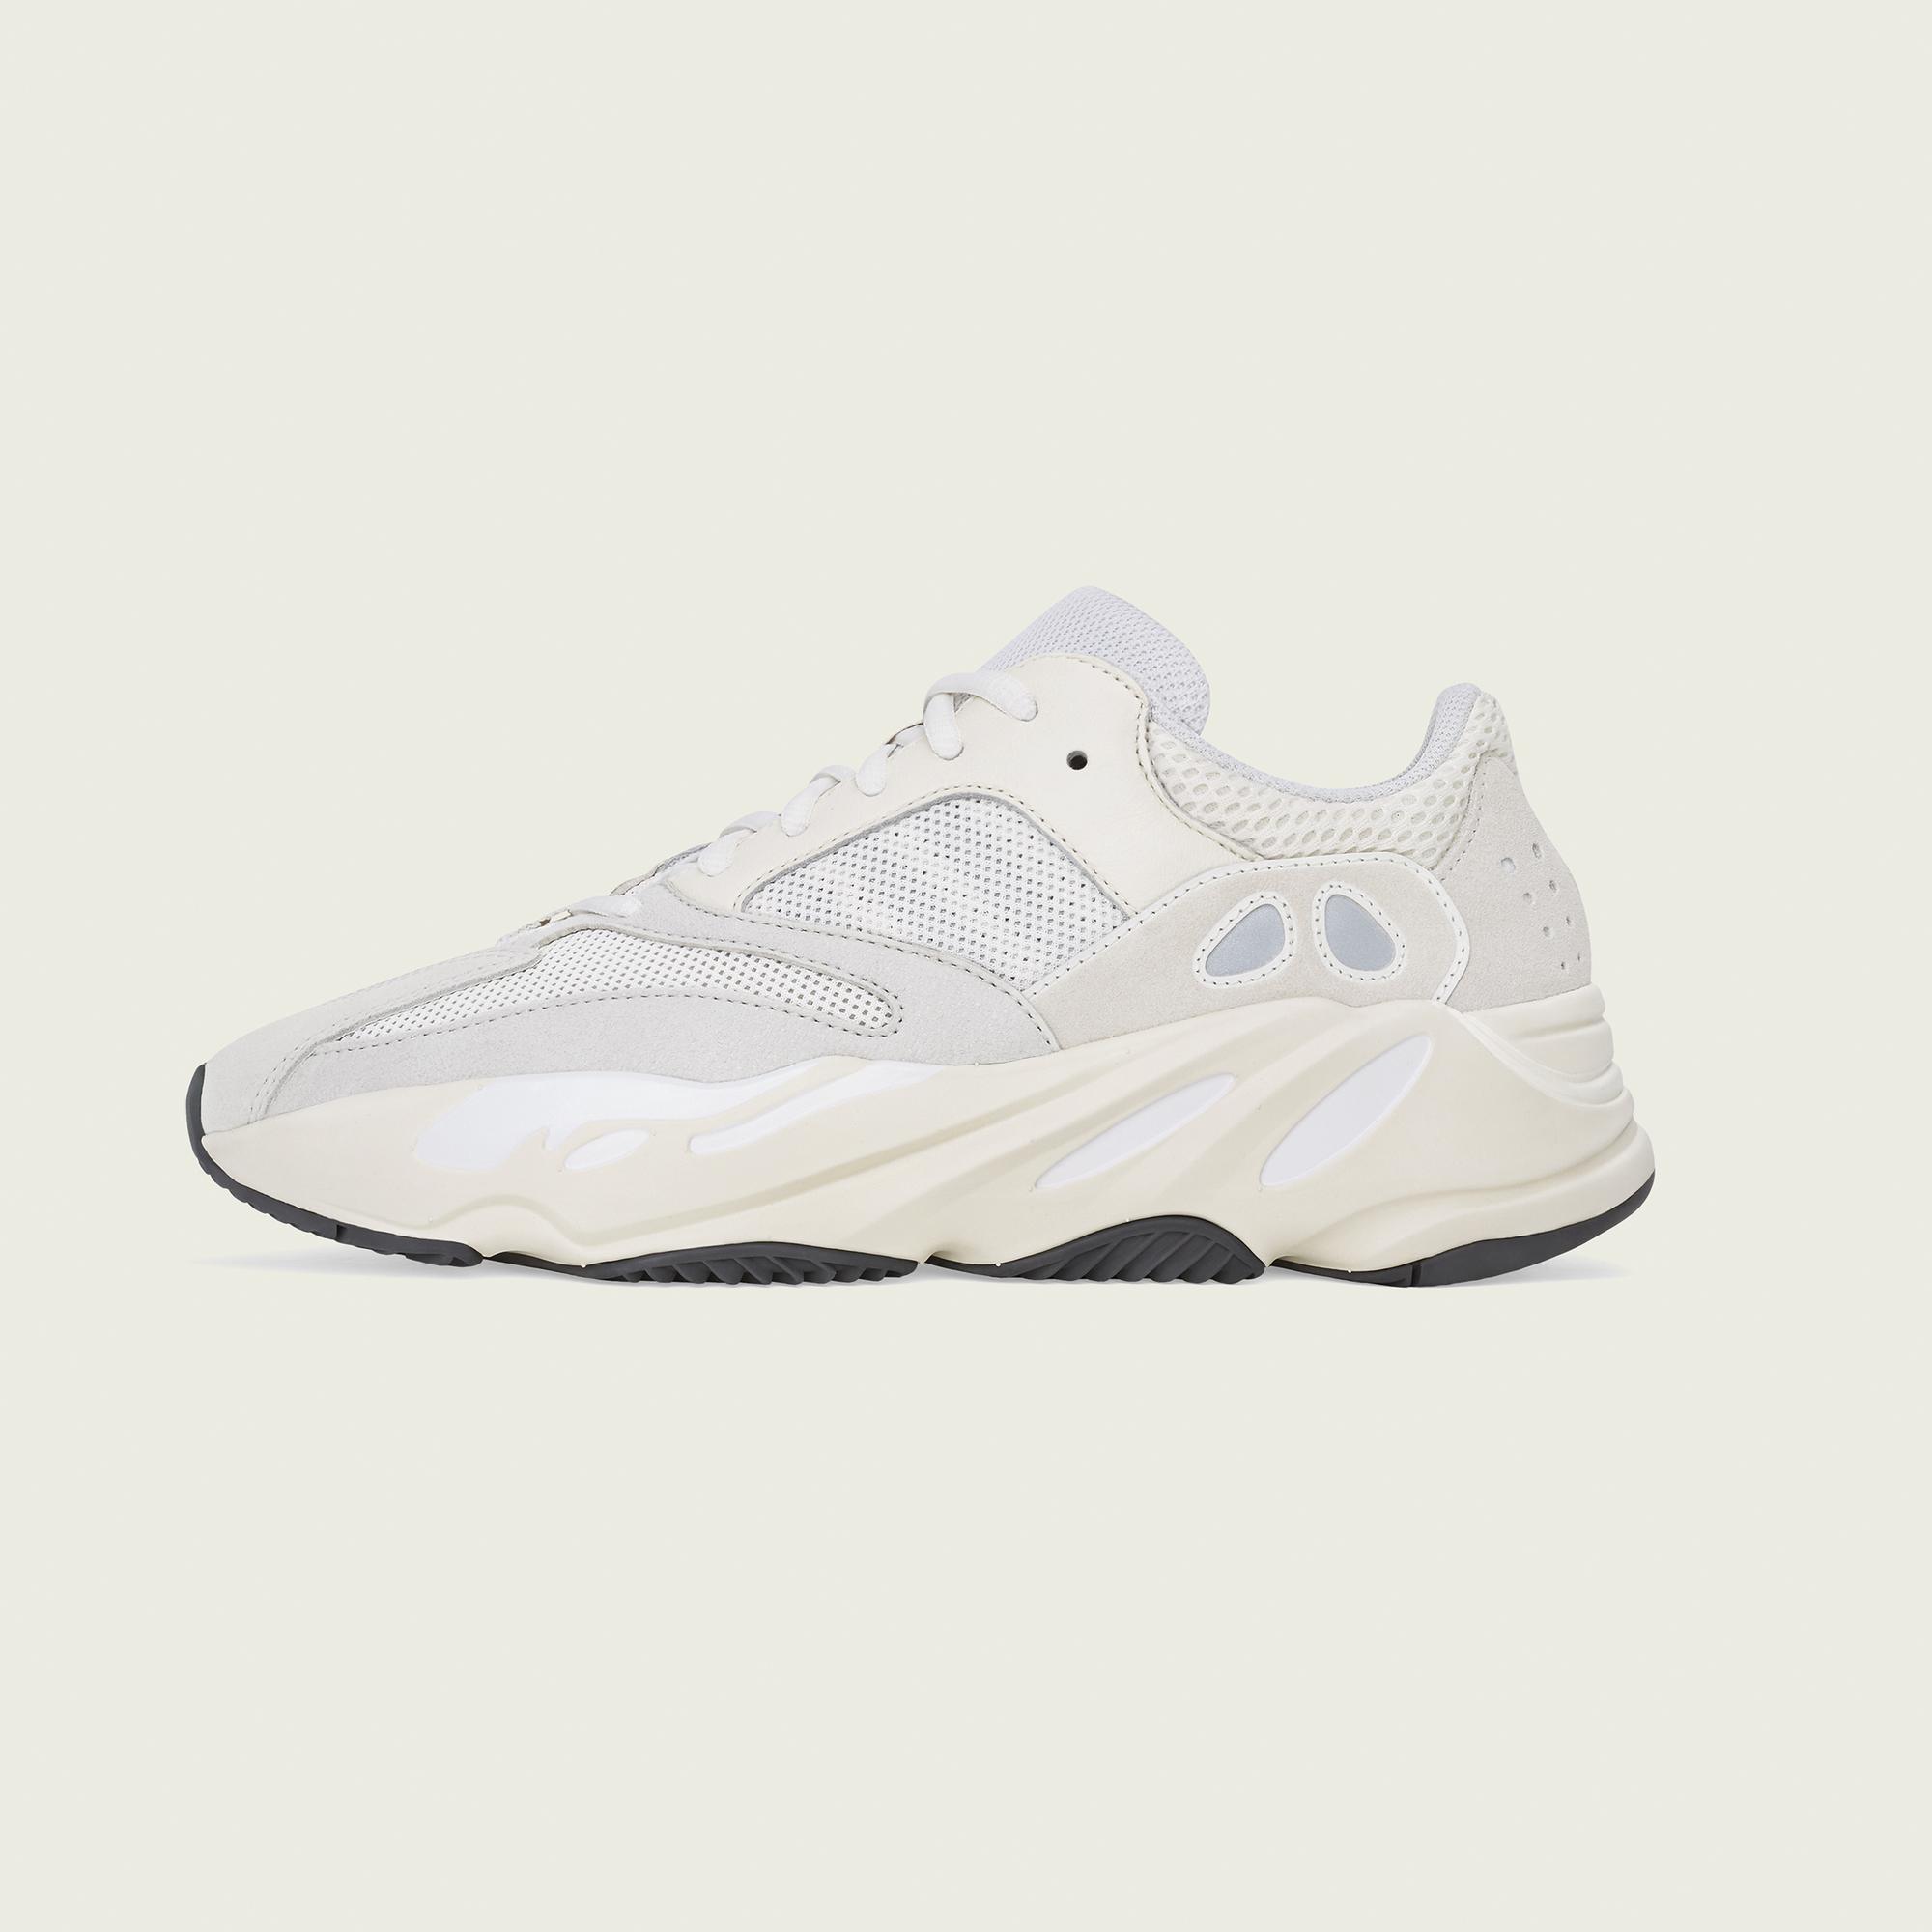 3e9781de2 Shoes adidas YEEZY BOOST 700 V2  ANALOG